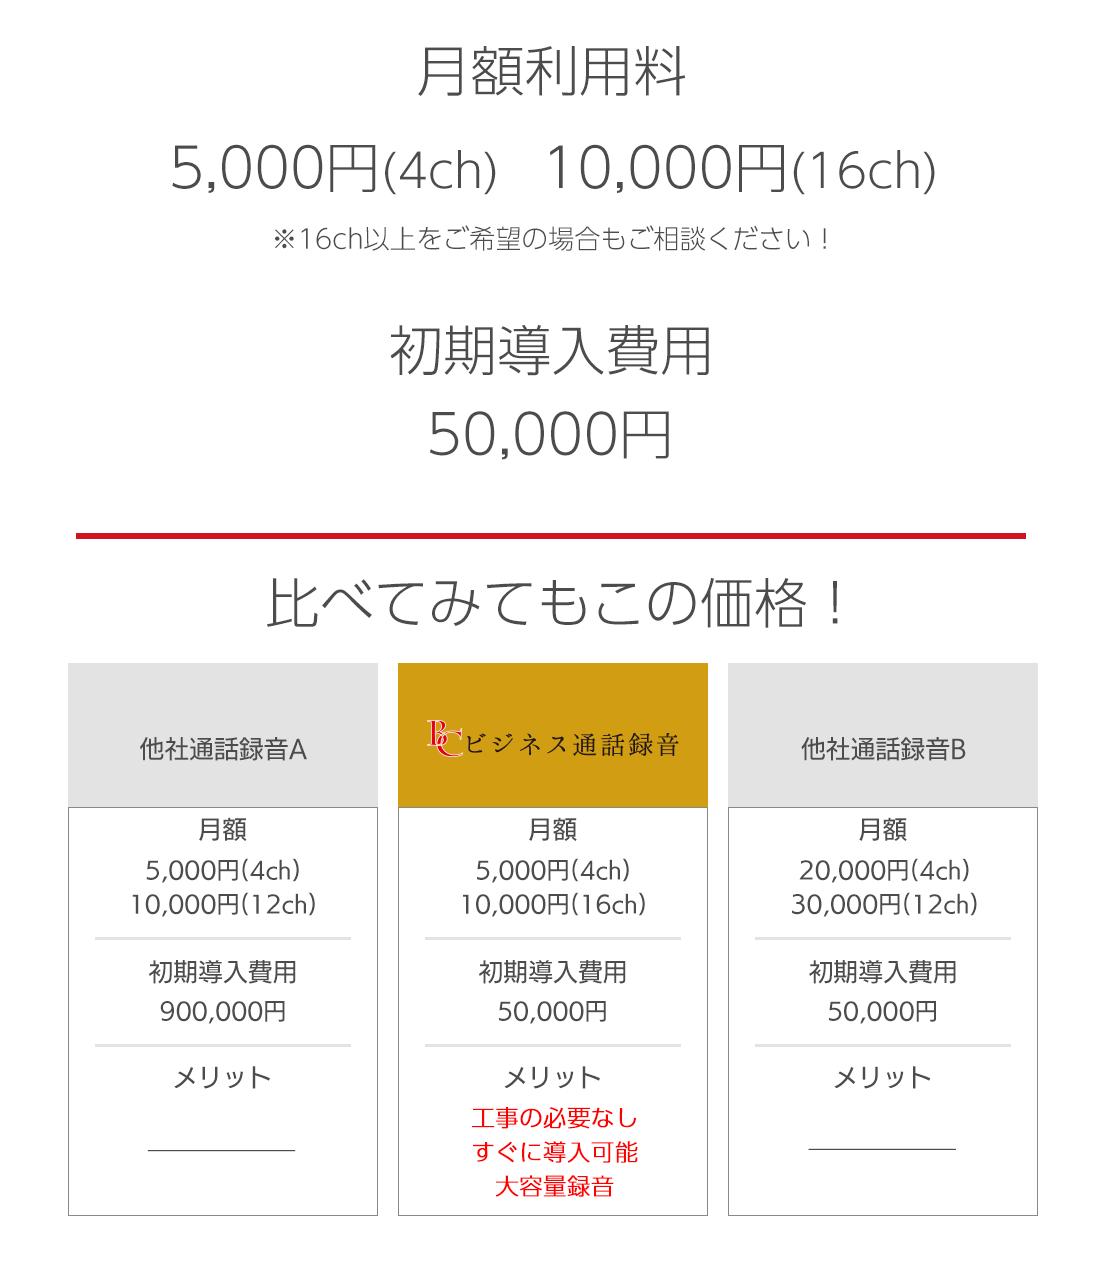 月額料金5000円から